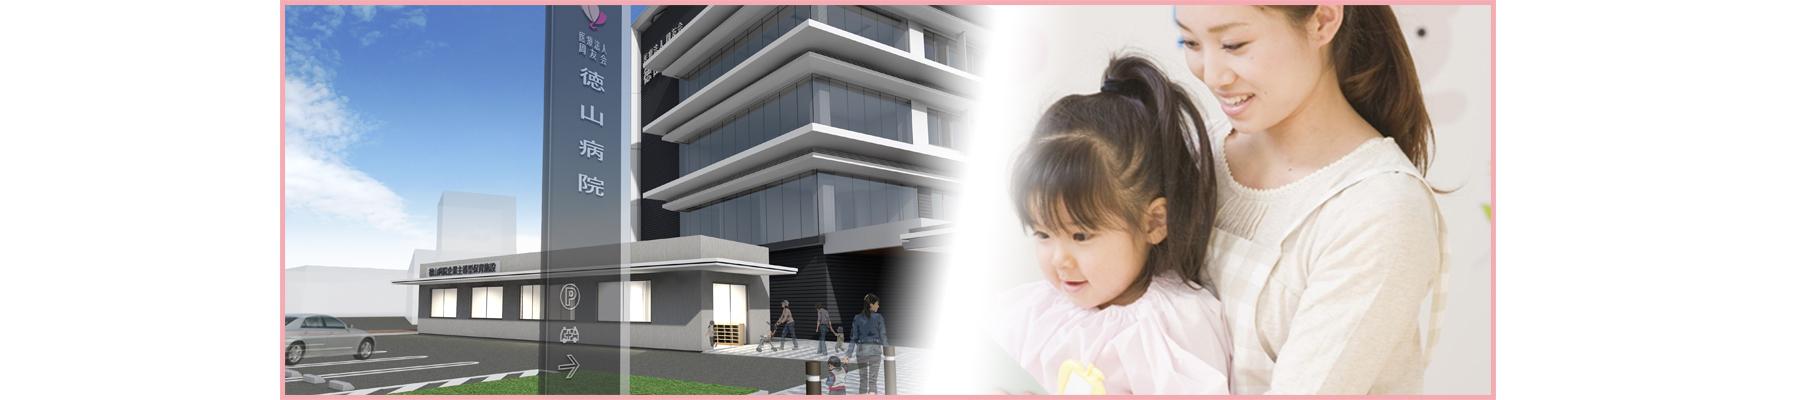 徳山病院保育所